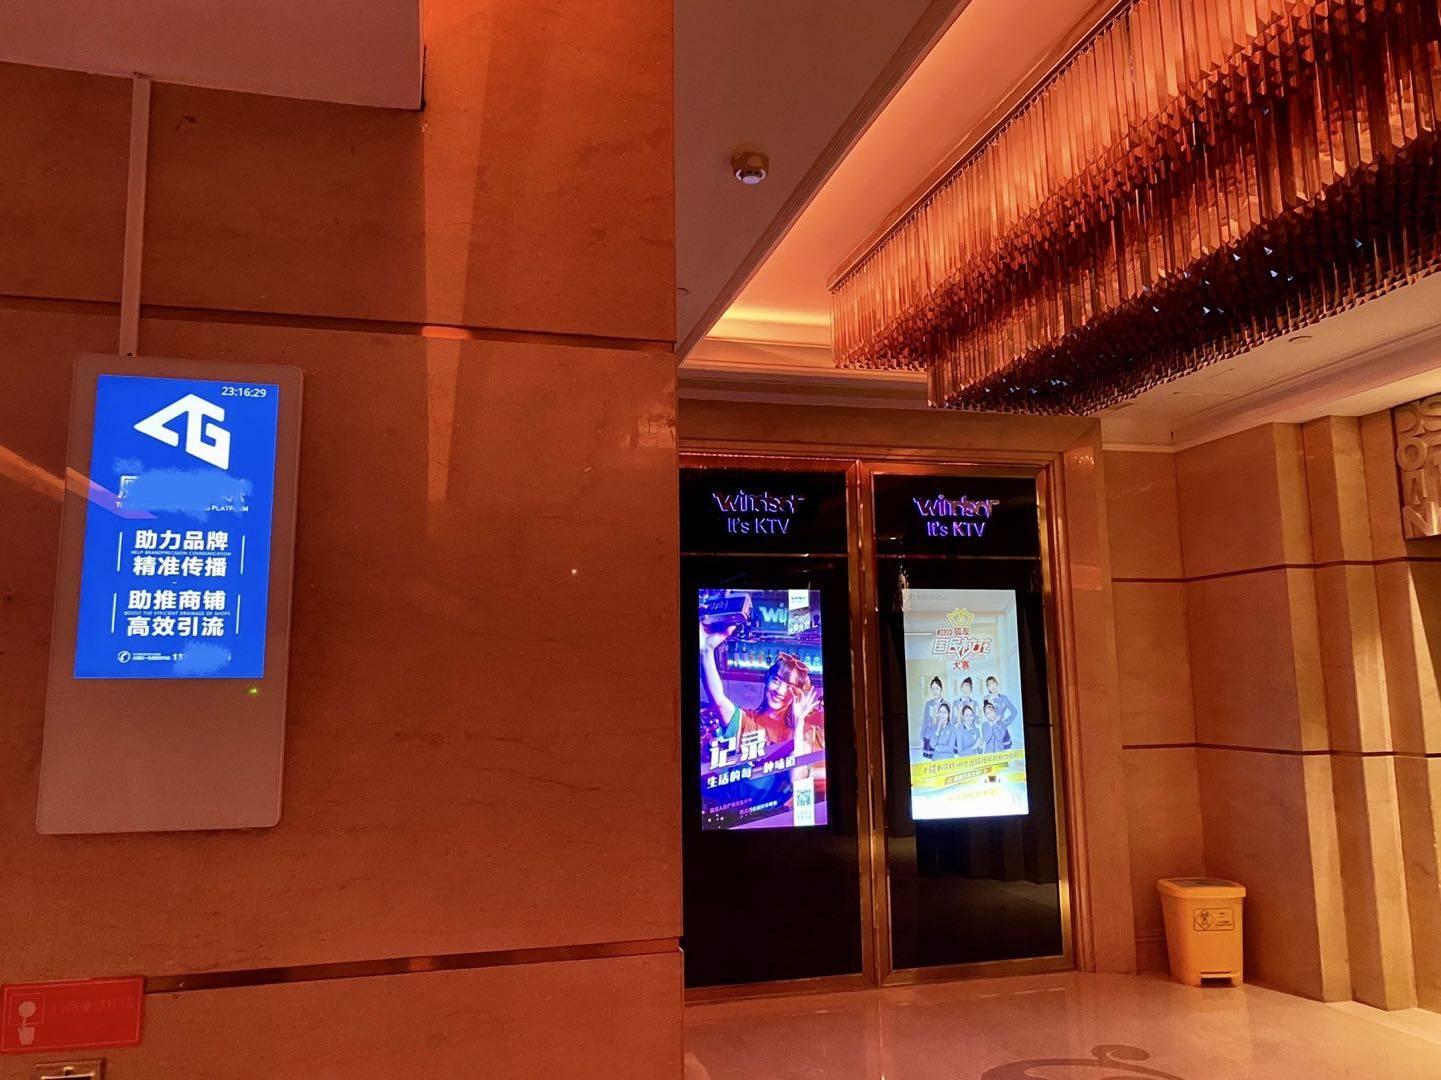 南京热门餐饮娱乐洗手台视频广告机(100家商铺起投)